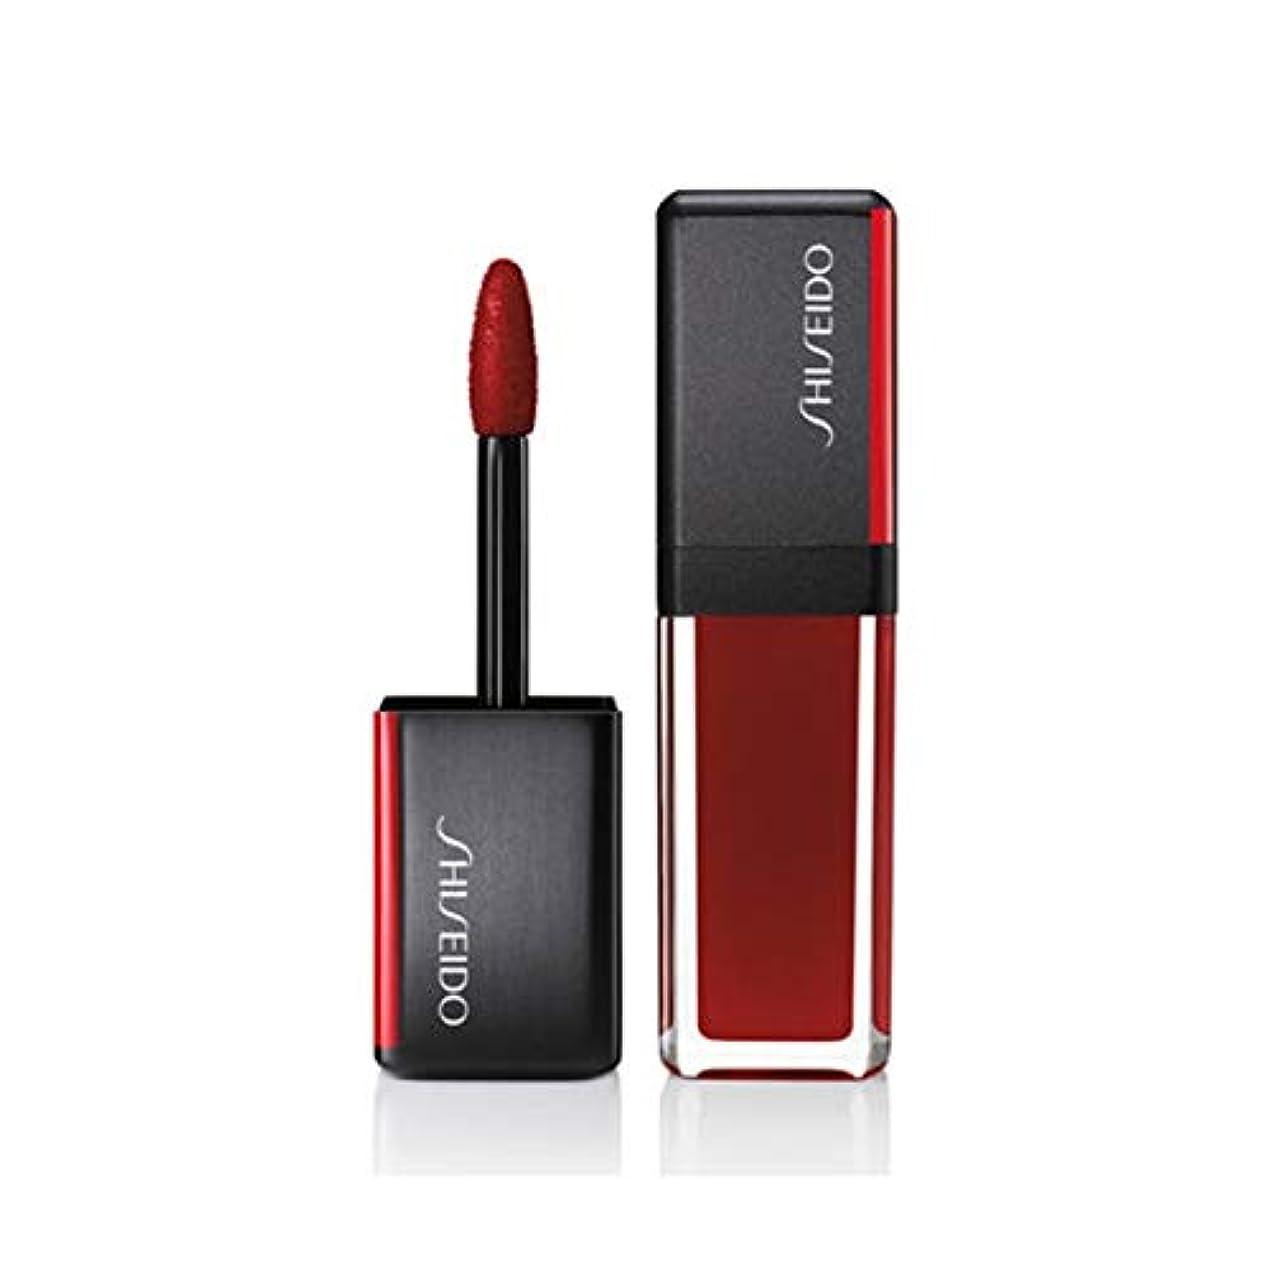 脅かす王女仲良し資生堂 LacquerInk LipShine - # 307 Scarlet Glare (Scarlet) 6ml/0.2oz並行輸入品